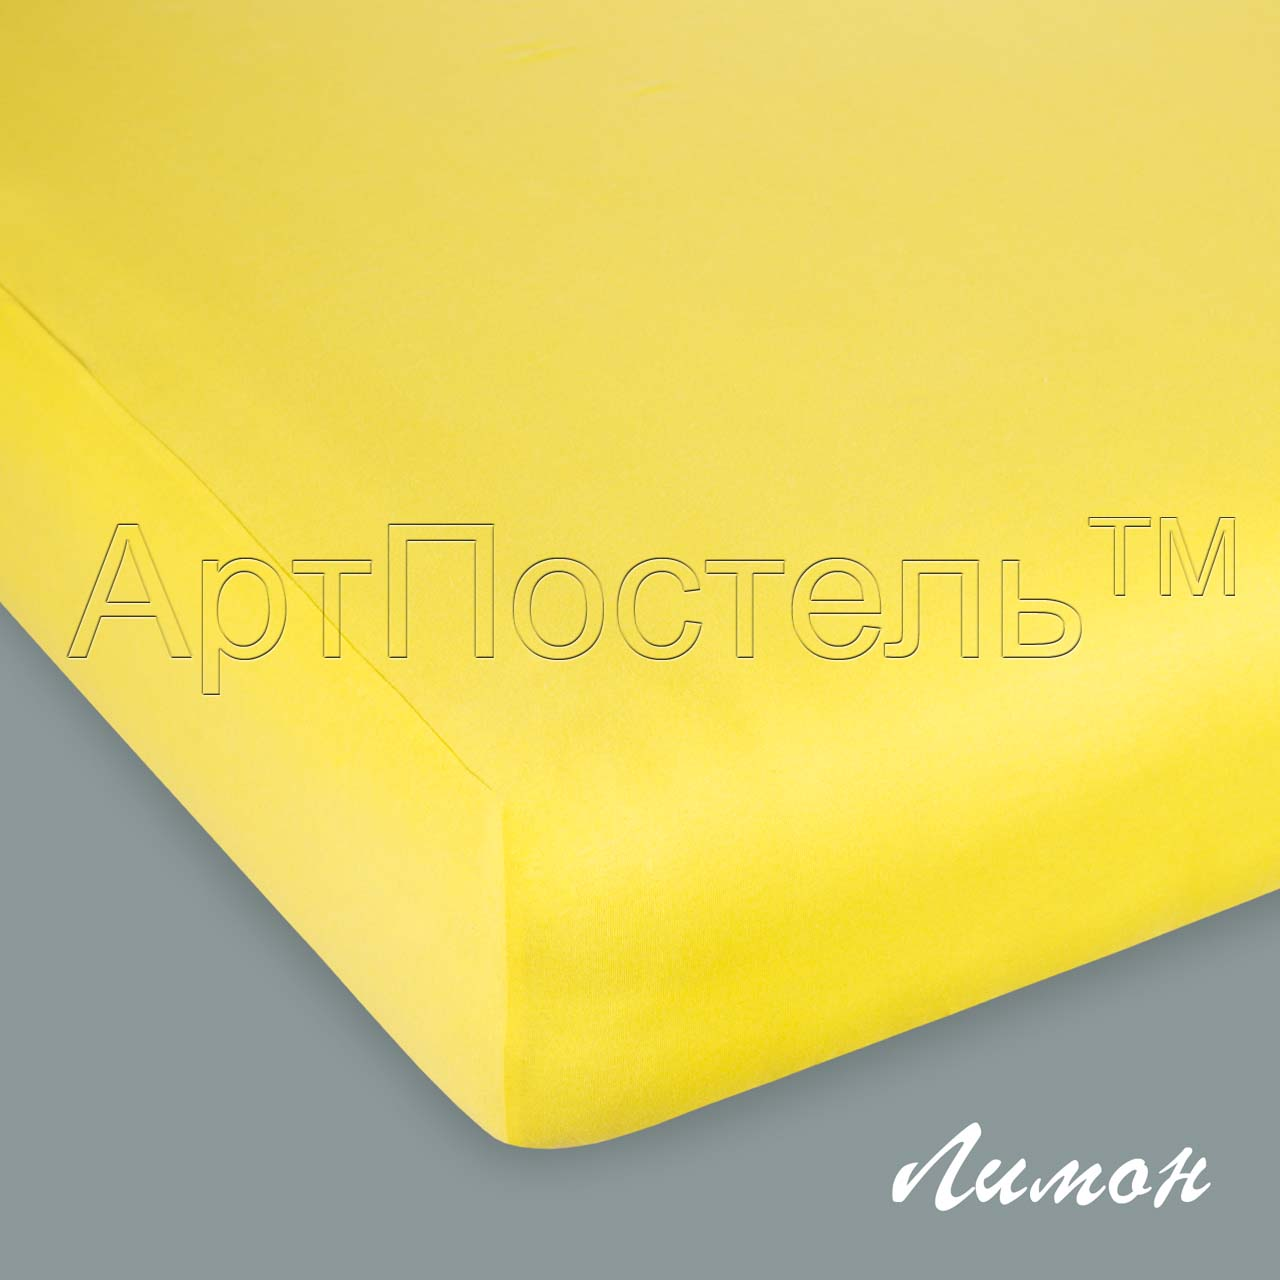 Простыня на резинке Лимон, размер 120х200 смПростыни<br>Плотность ткани:145 г/кв. м<br>Высота матраса:20 см<br><br>Тип: Простыня<br>Размер: 120х200<br>Материал: Кулирка